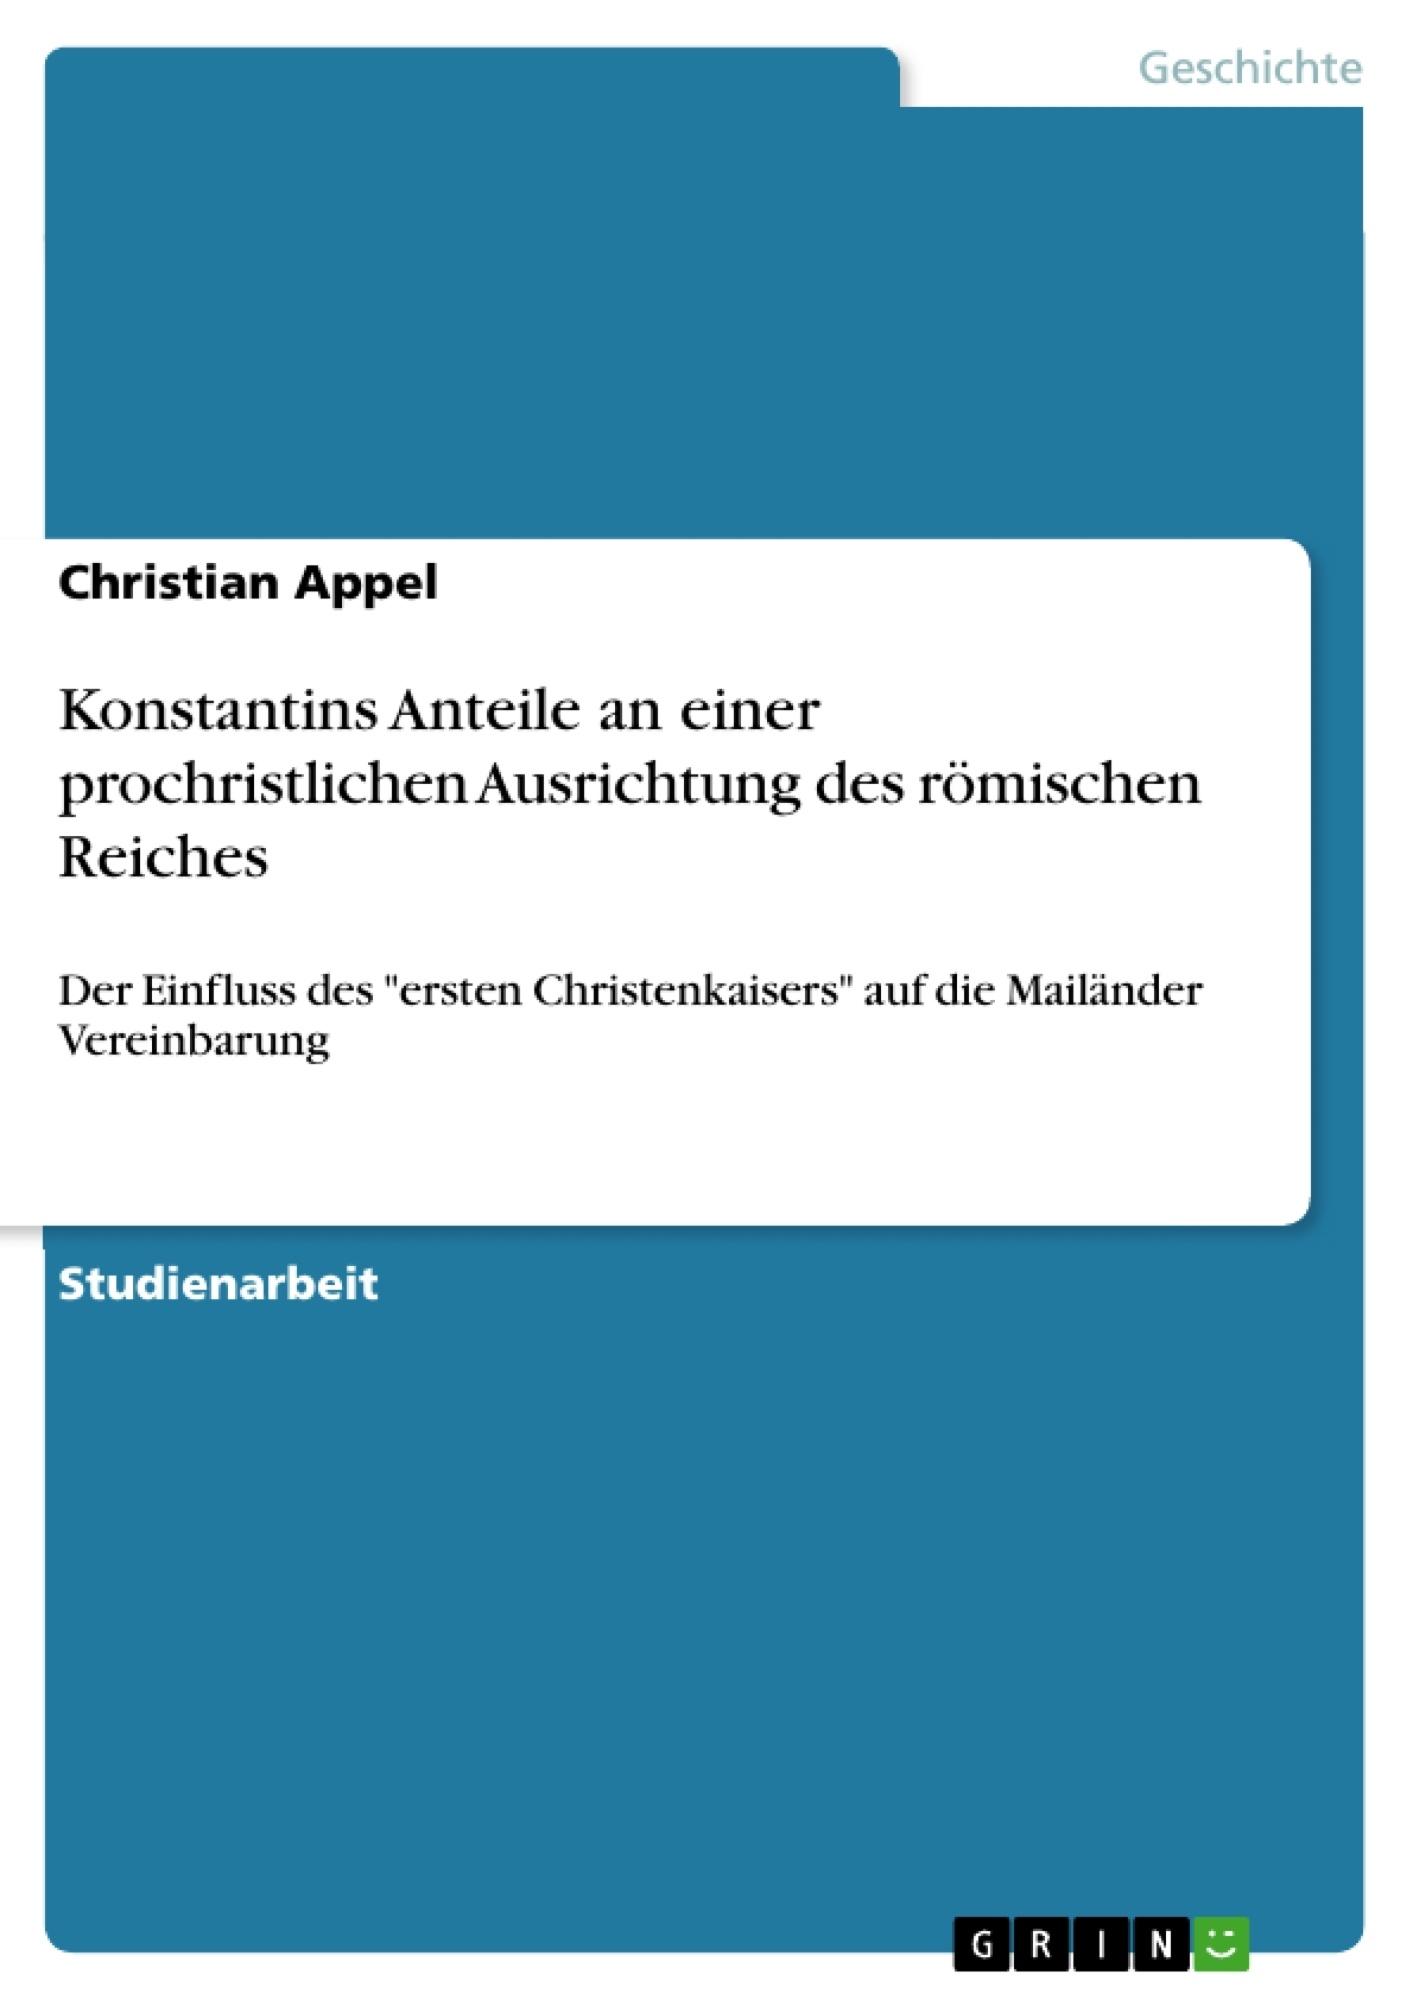 Titel: Konstantins Anteile an einer prochristlichen Ausrichtung des römischen Reiches